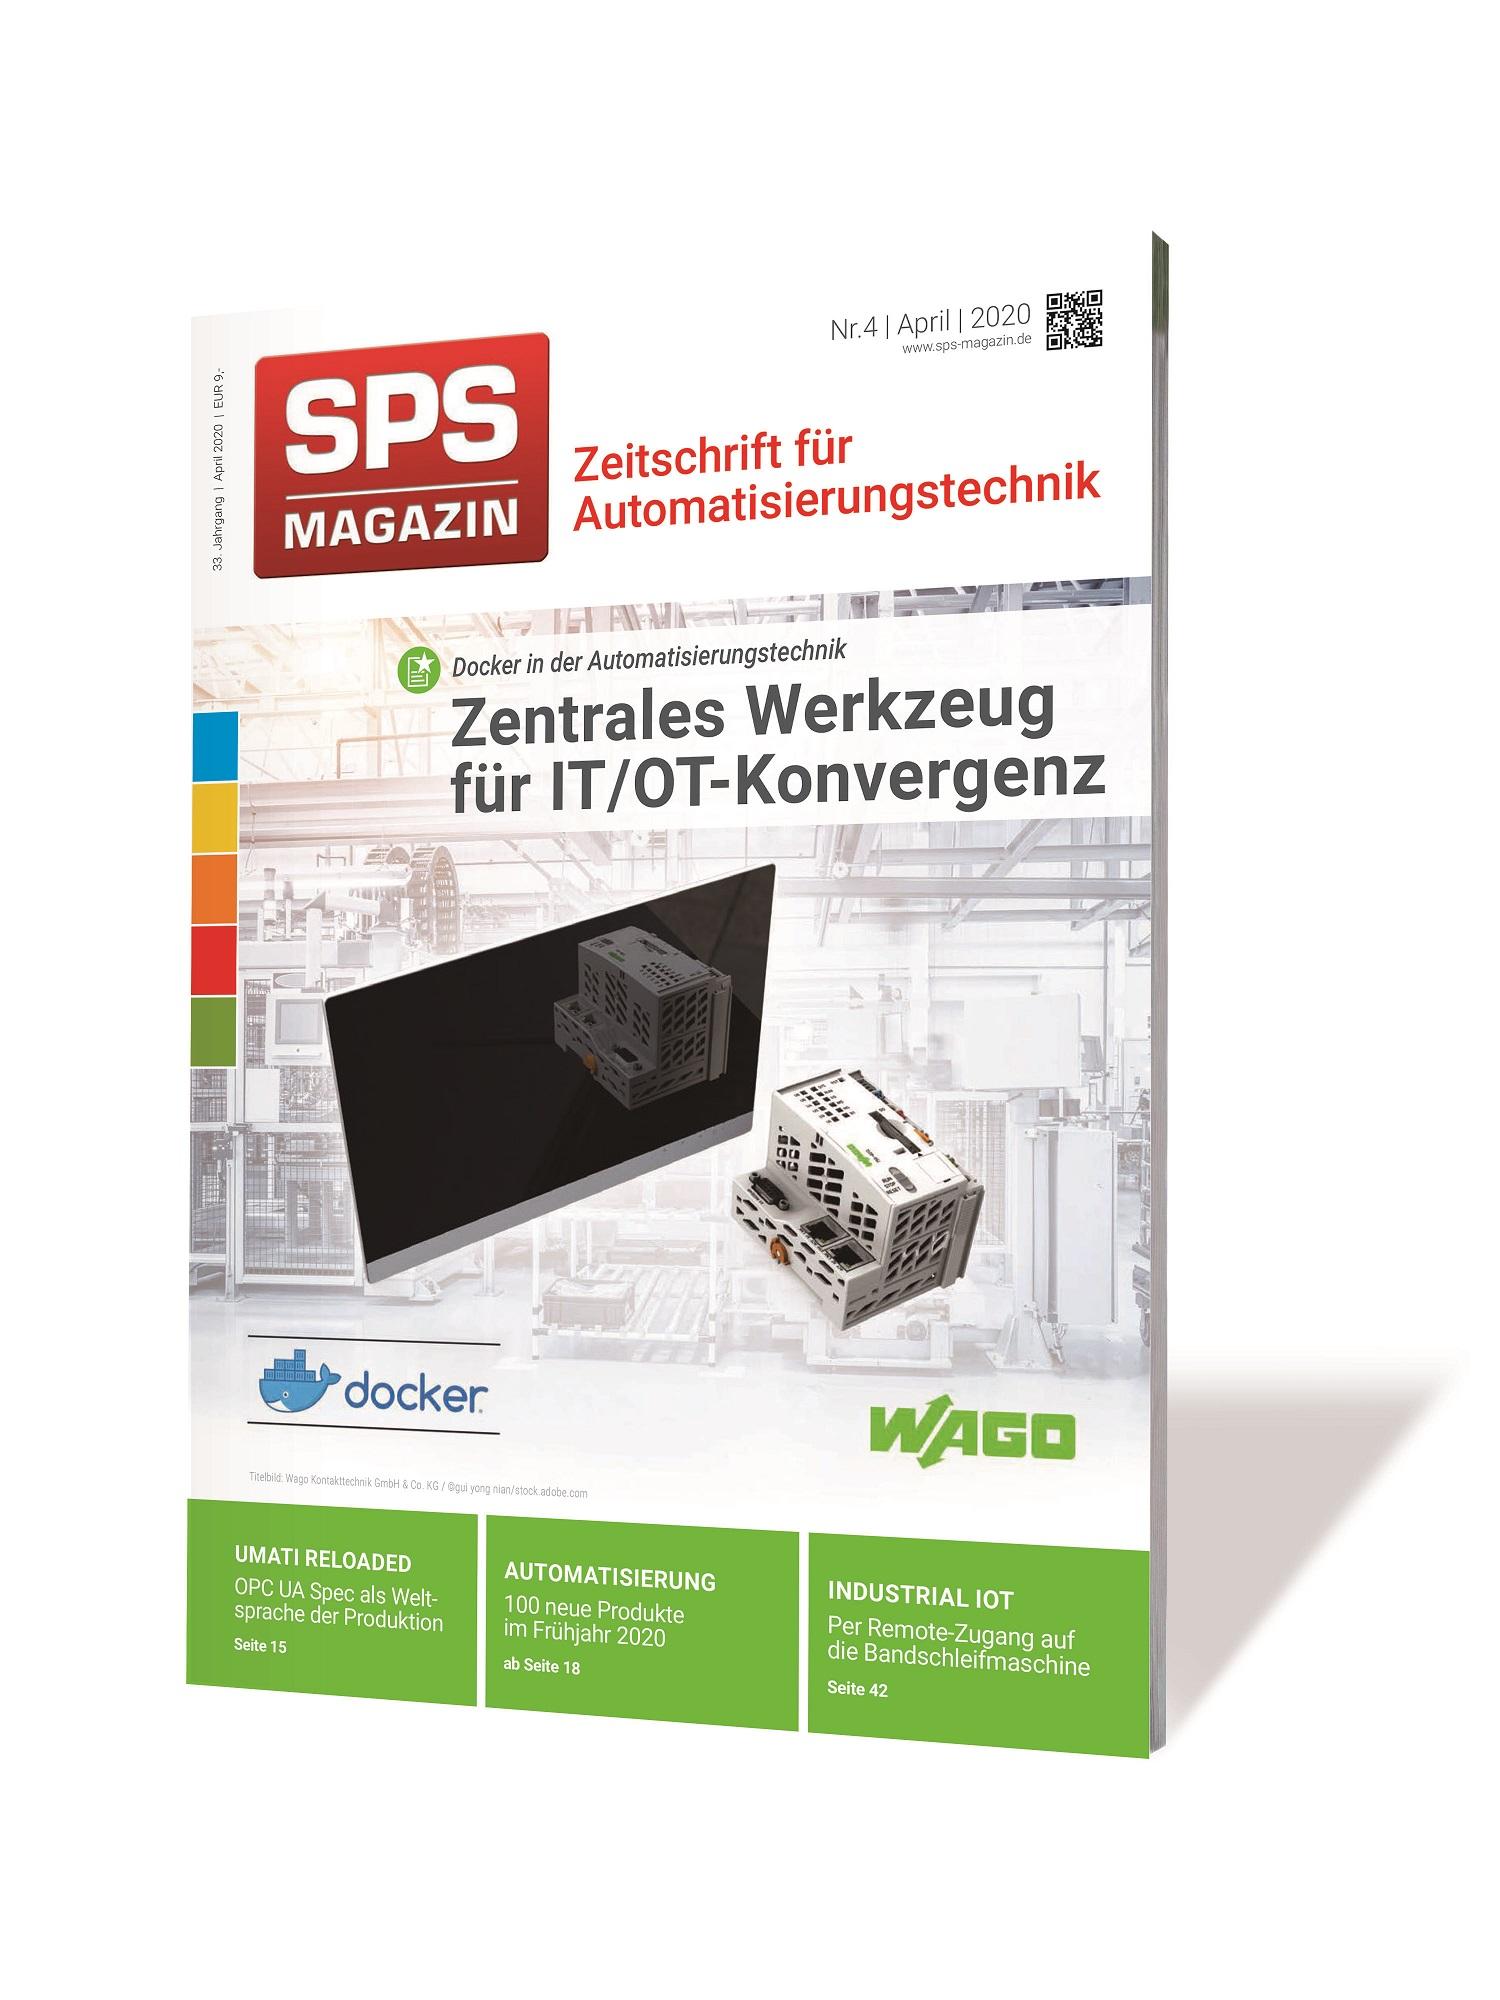 SPS-MAGAZIN Fachmagazin über Automatisierung